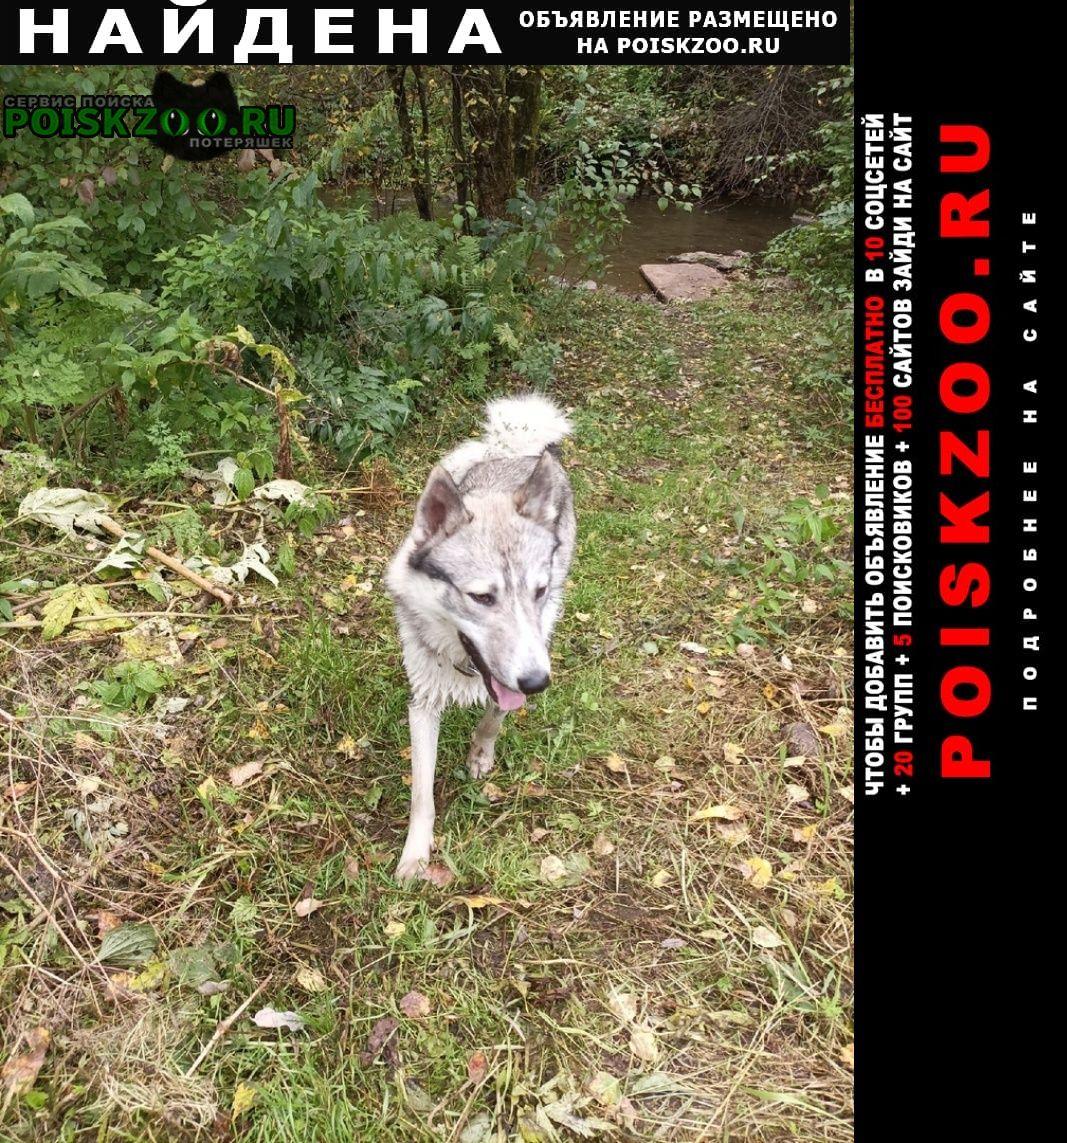 Найдена собака кобель лайка, Красноярск